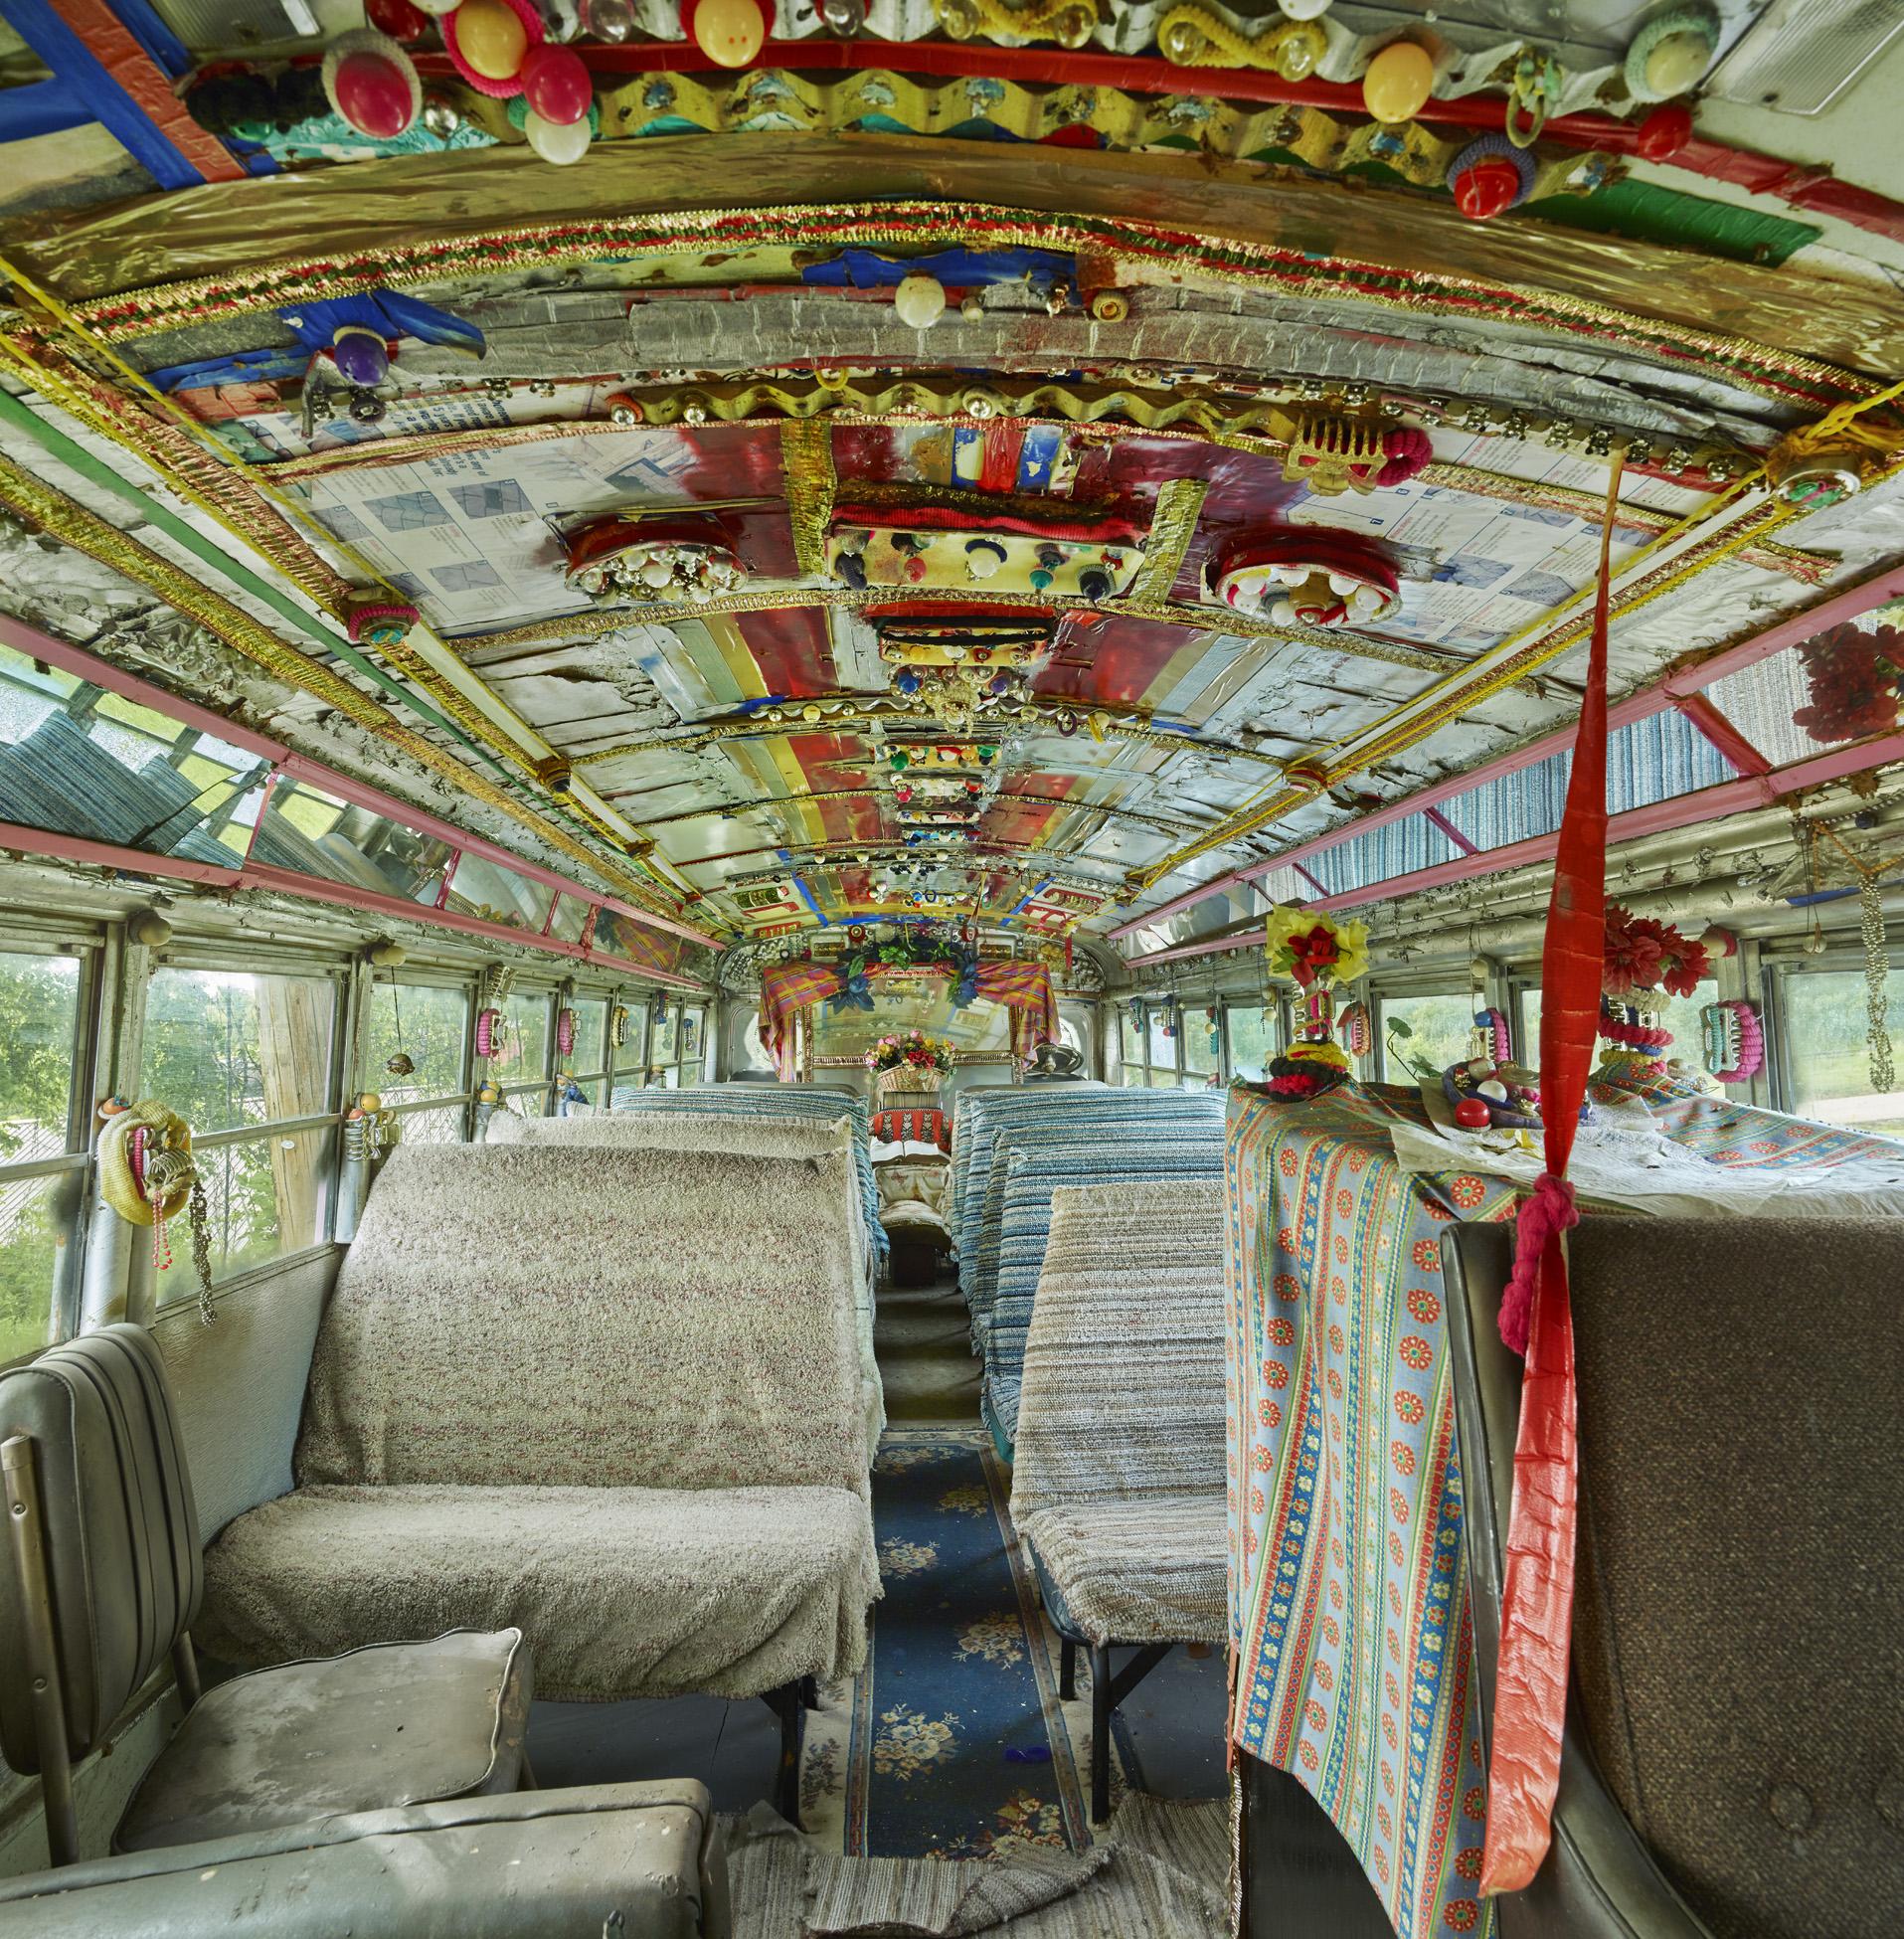 Rv. Dennis chapel bus